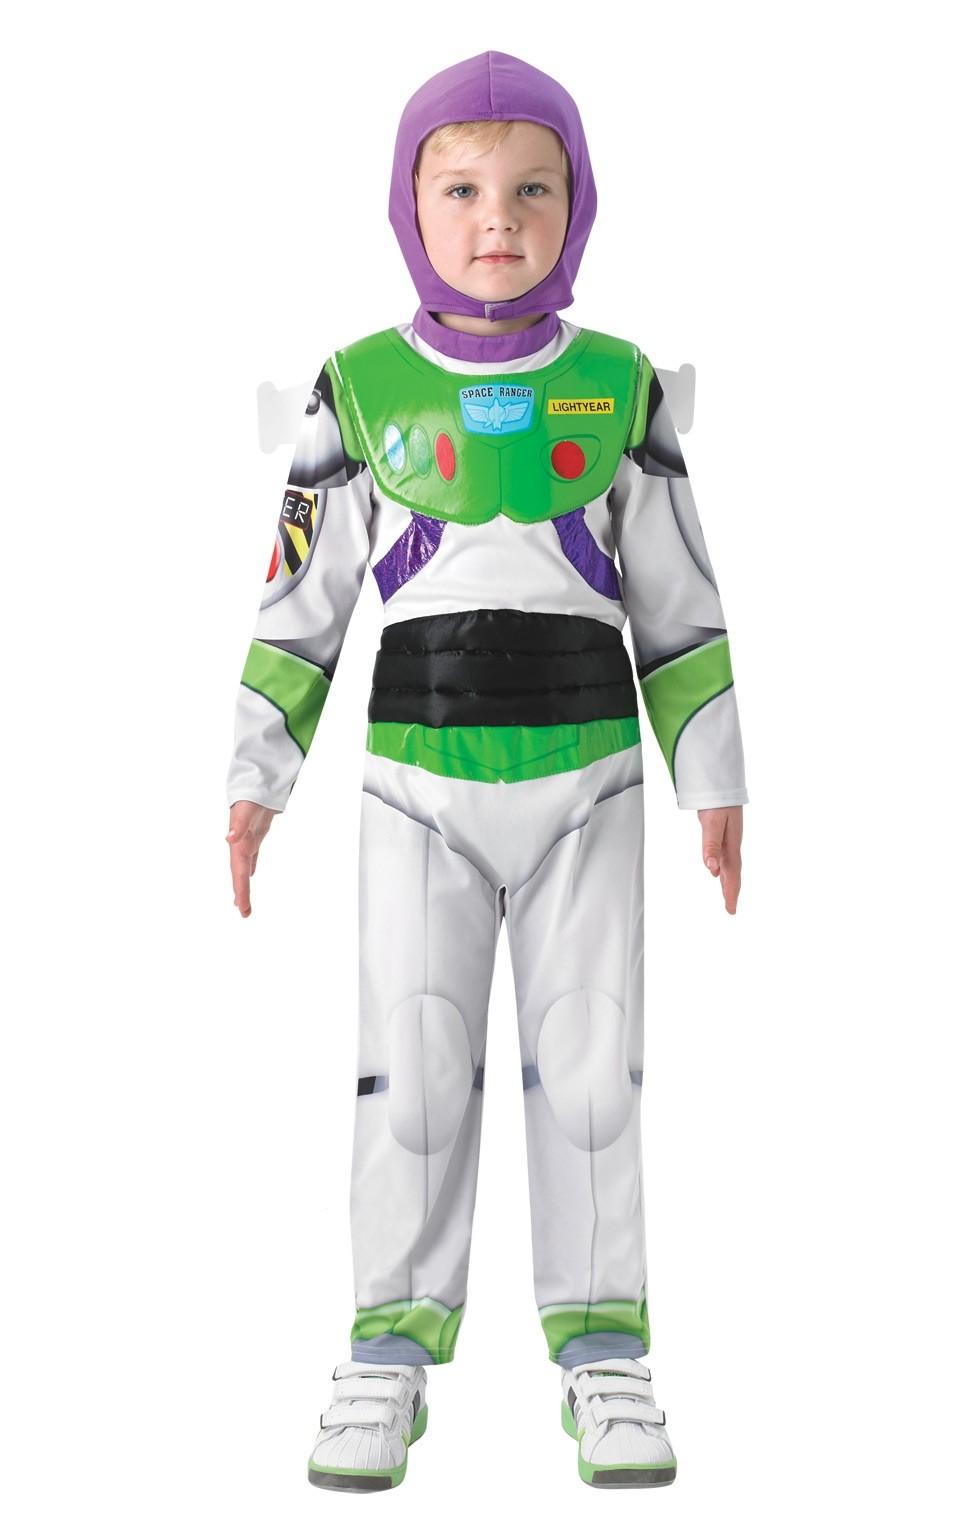 Детский костюм Базз Лайтера (26-28) детский костюм озорного клоуна 34